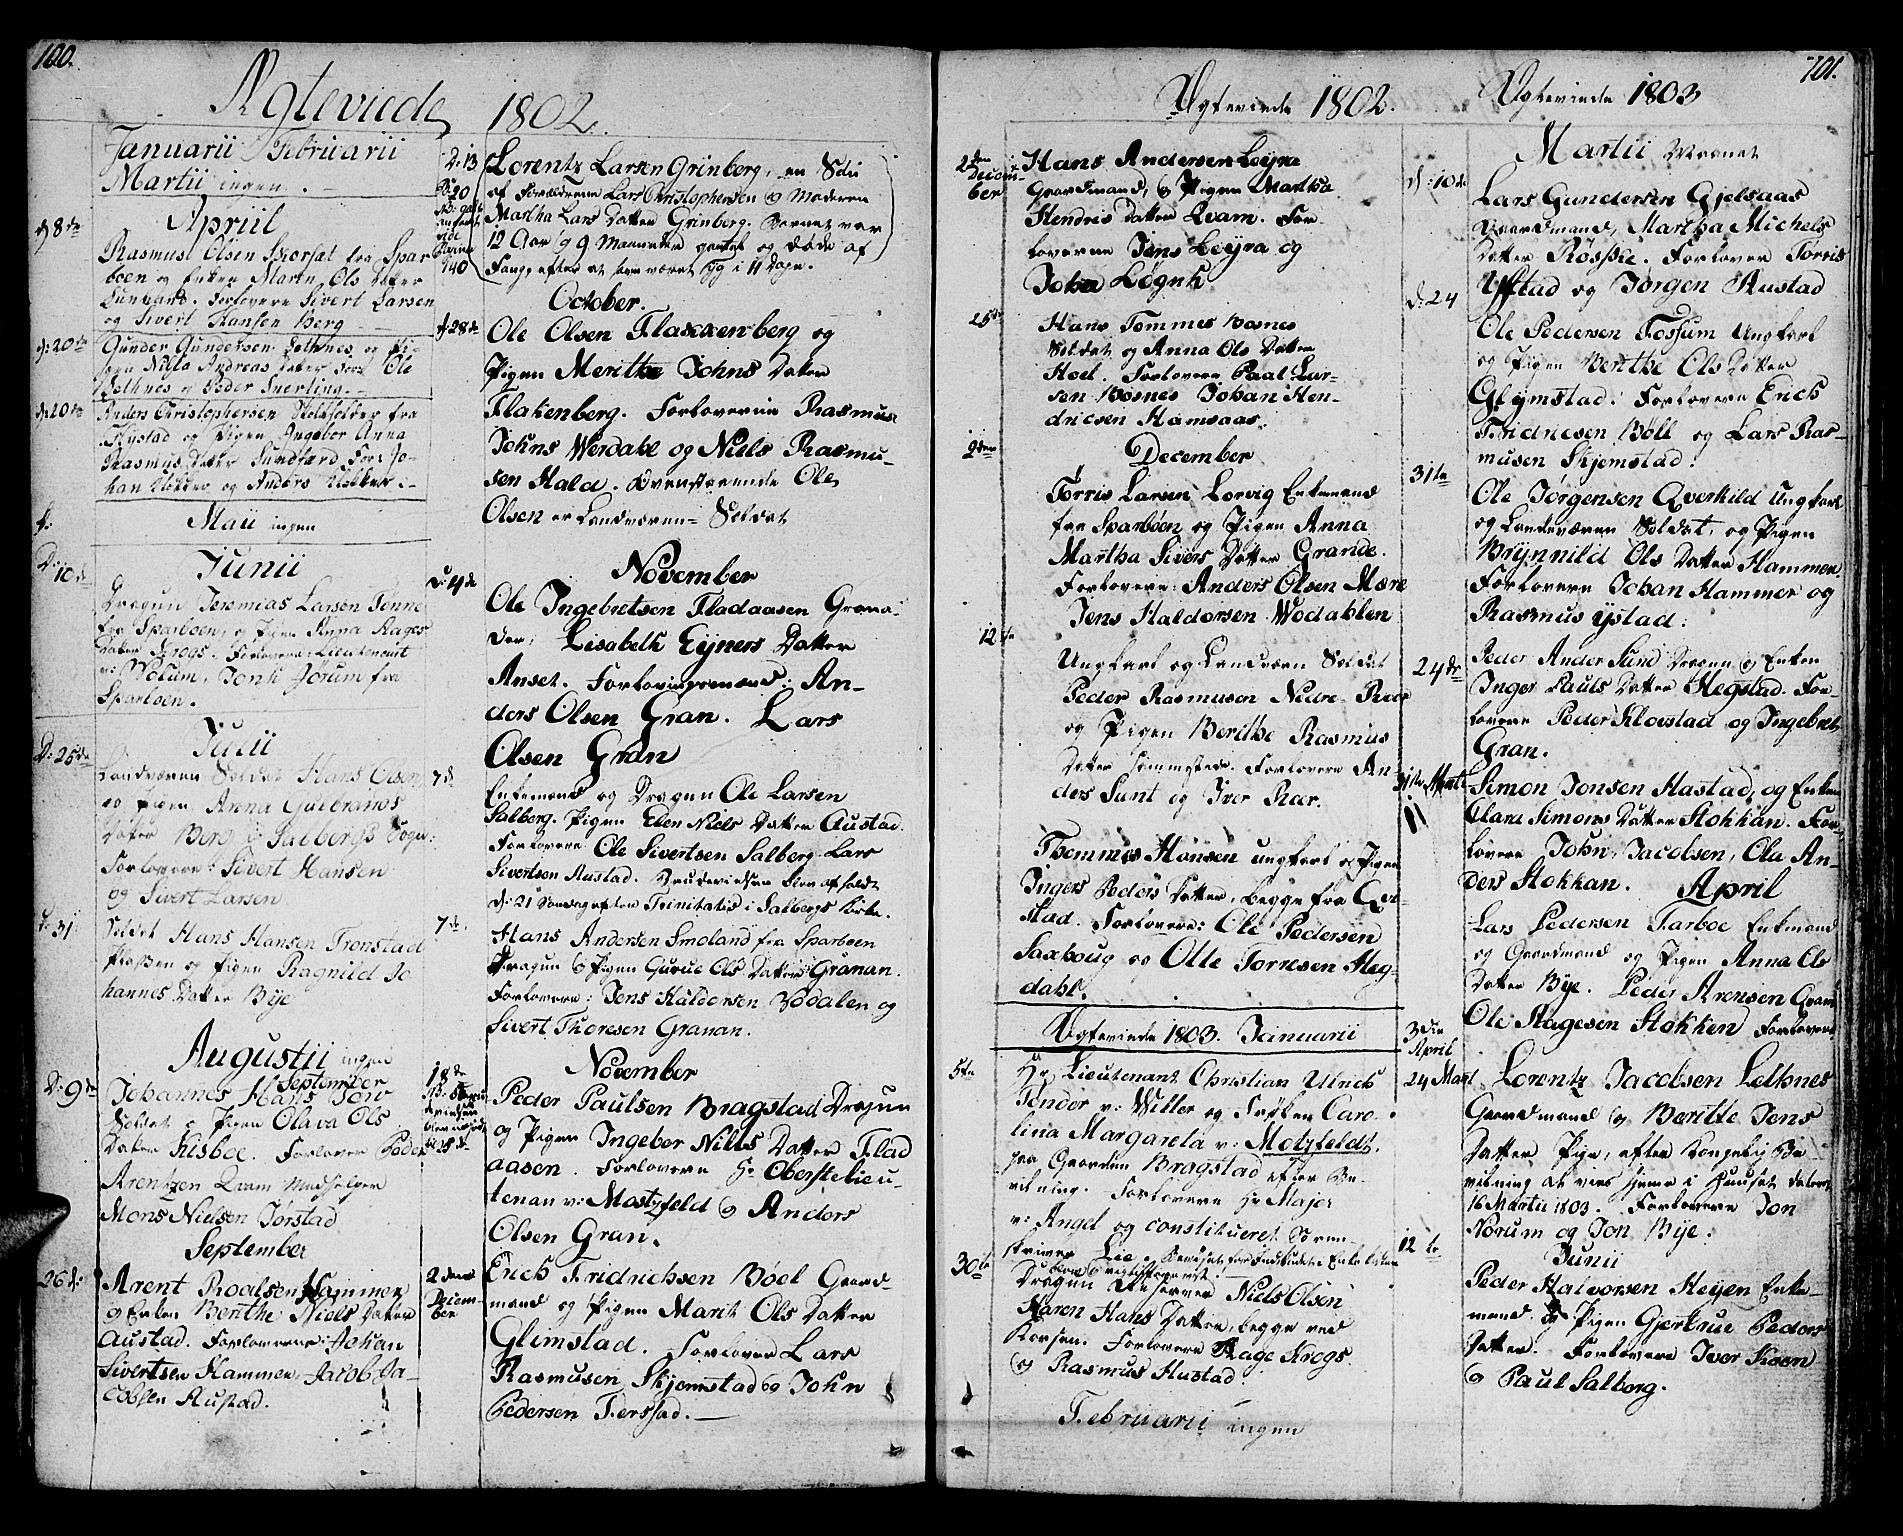 SAT, Ministerialprotokoller, klokkerbøker og fødselsregistre - Nord-Trøndelag, 730/L0274: Parish register (official) no. 730A03, 1802-1816, p. 100-101